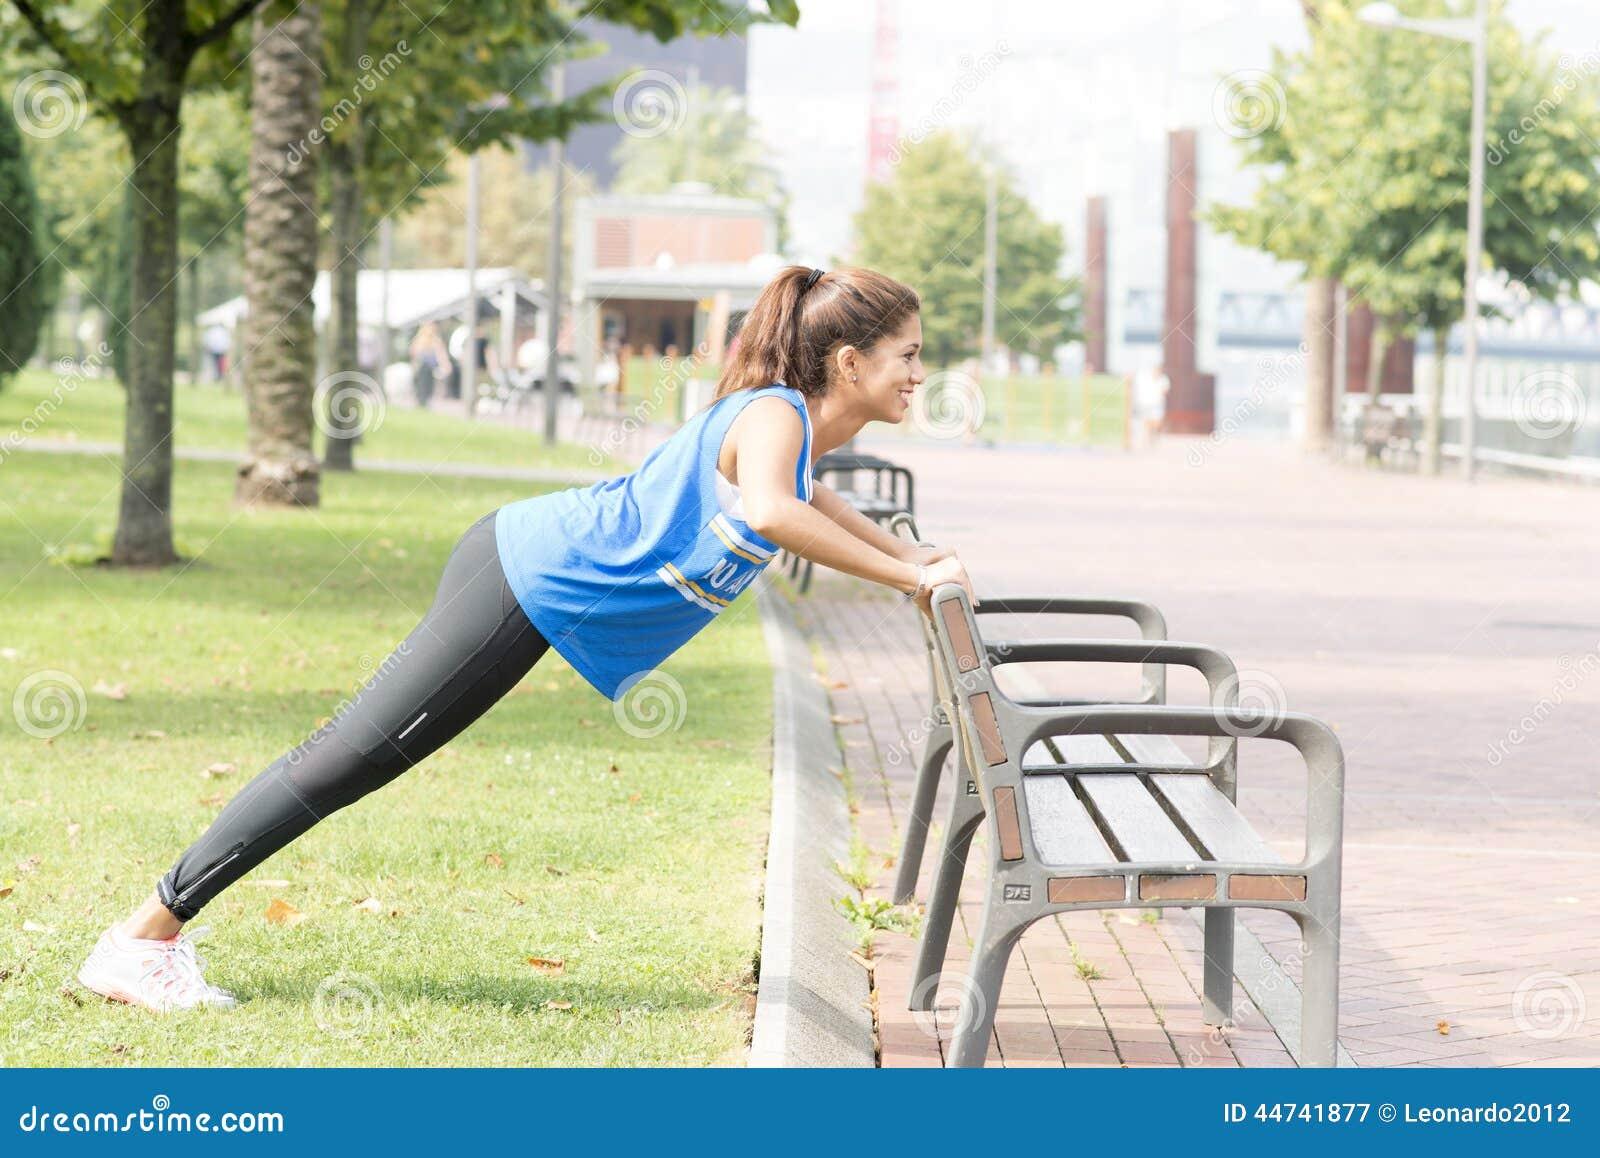 Усмехаясь атлетическая женщина делать нажимает поднимает в улице, здоровом lif